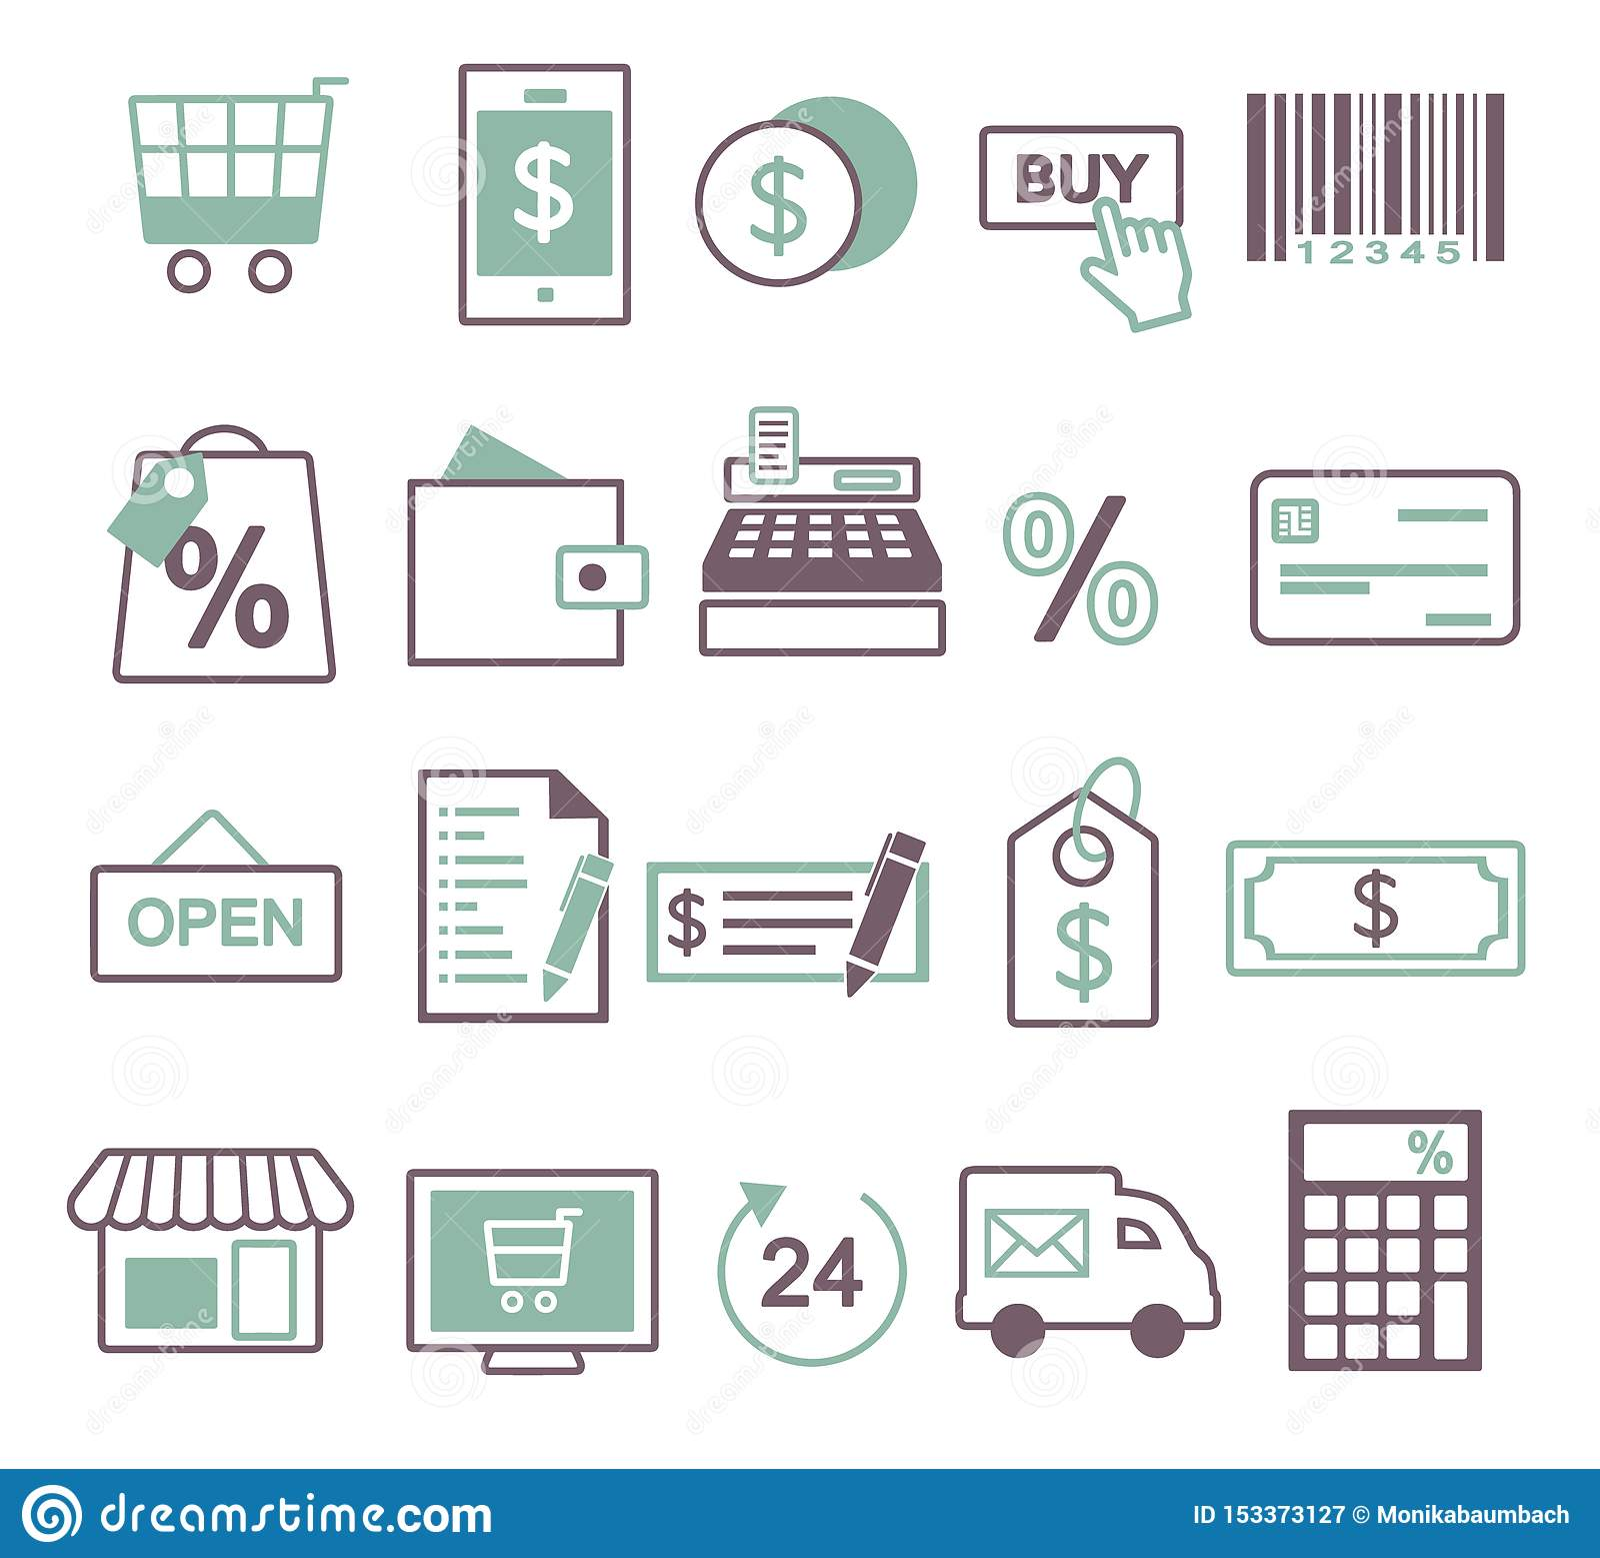 Ícone do vetor ajustado criando o inforaphics relativo à compra, à venda em linha e ao comércio, incluindo o carrinho de compras,